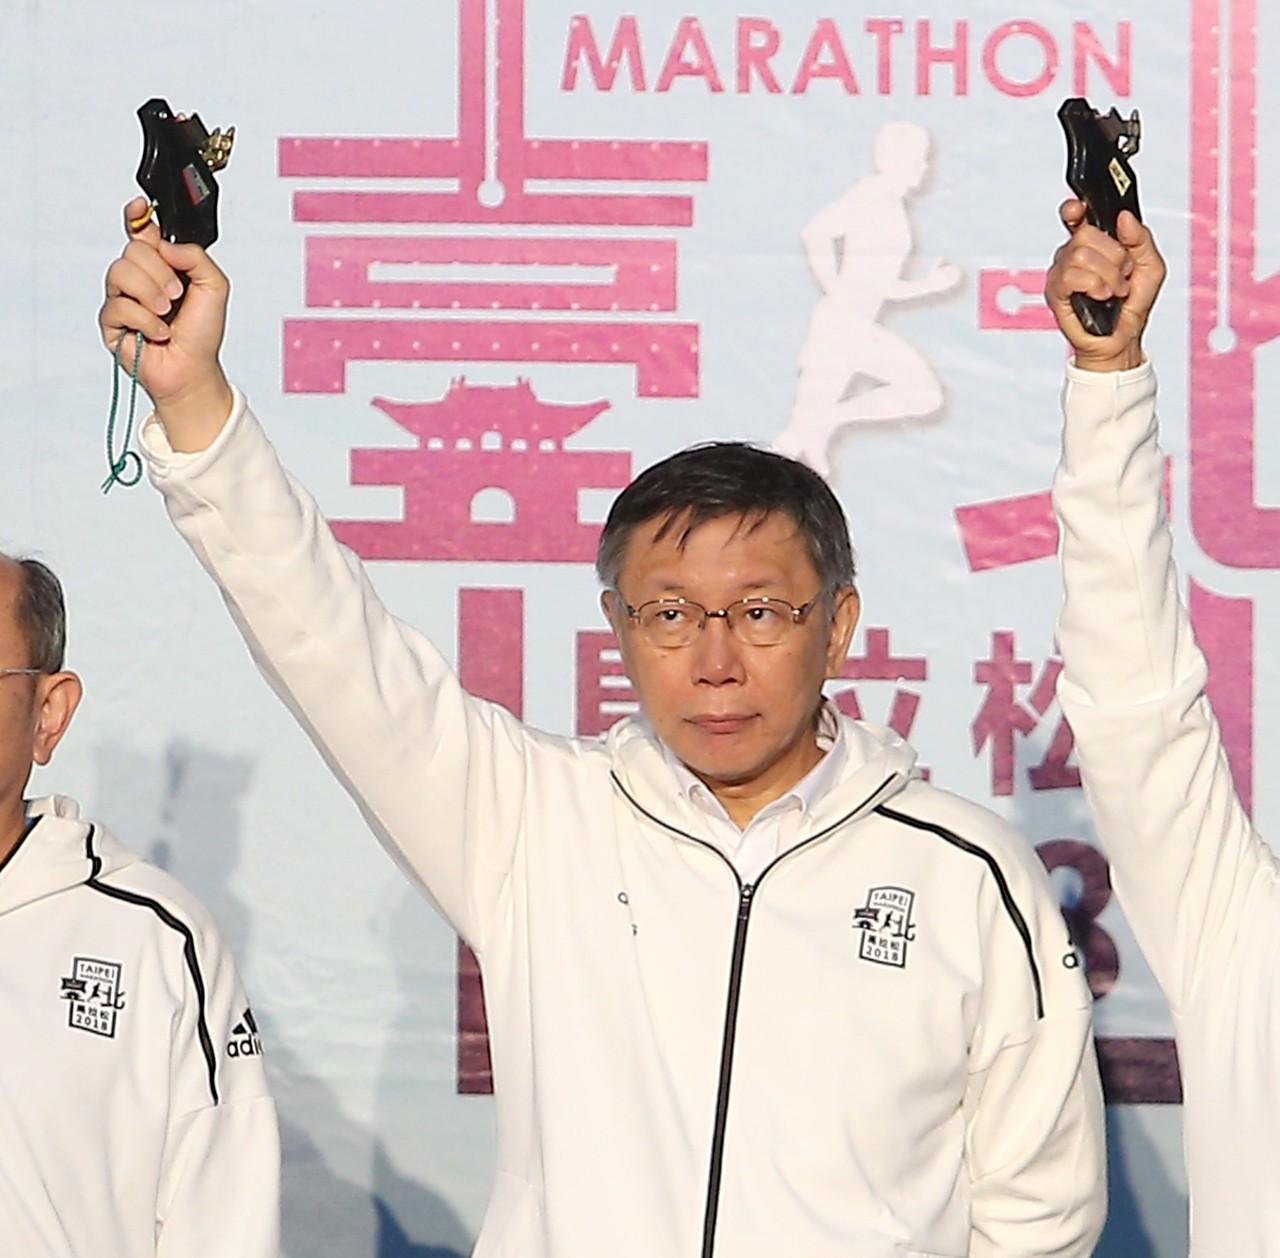 台北市長柯文哲昨天出席2018台北馬拉松,為賽事鳴槍揭開序幕。記者余承翰/攝影